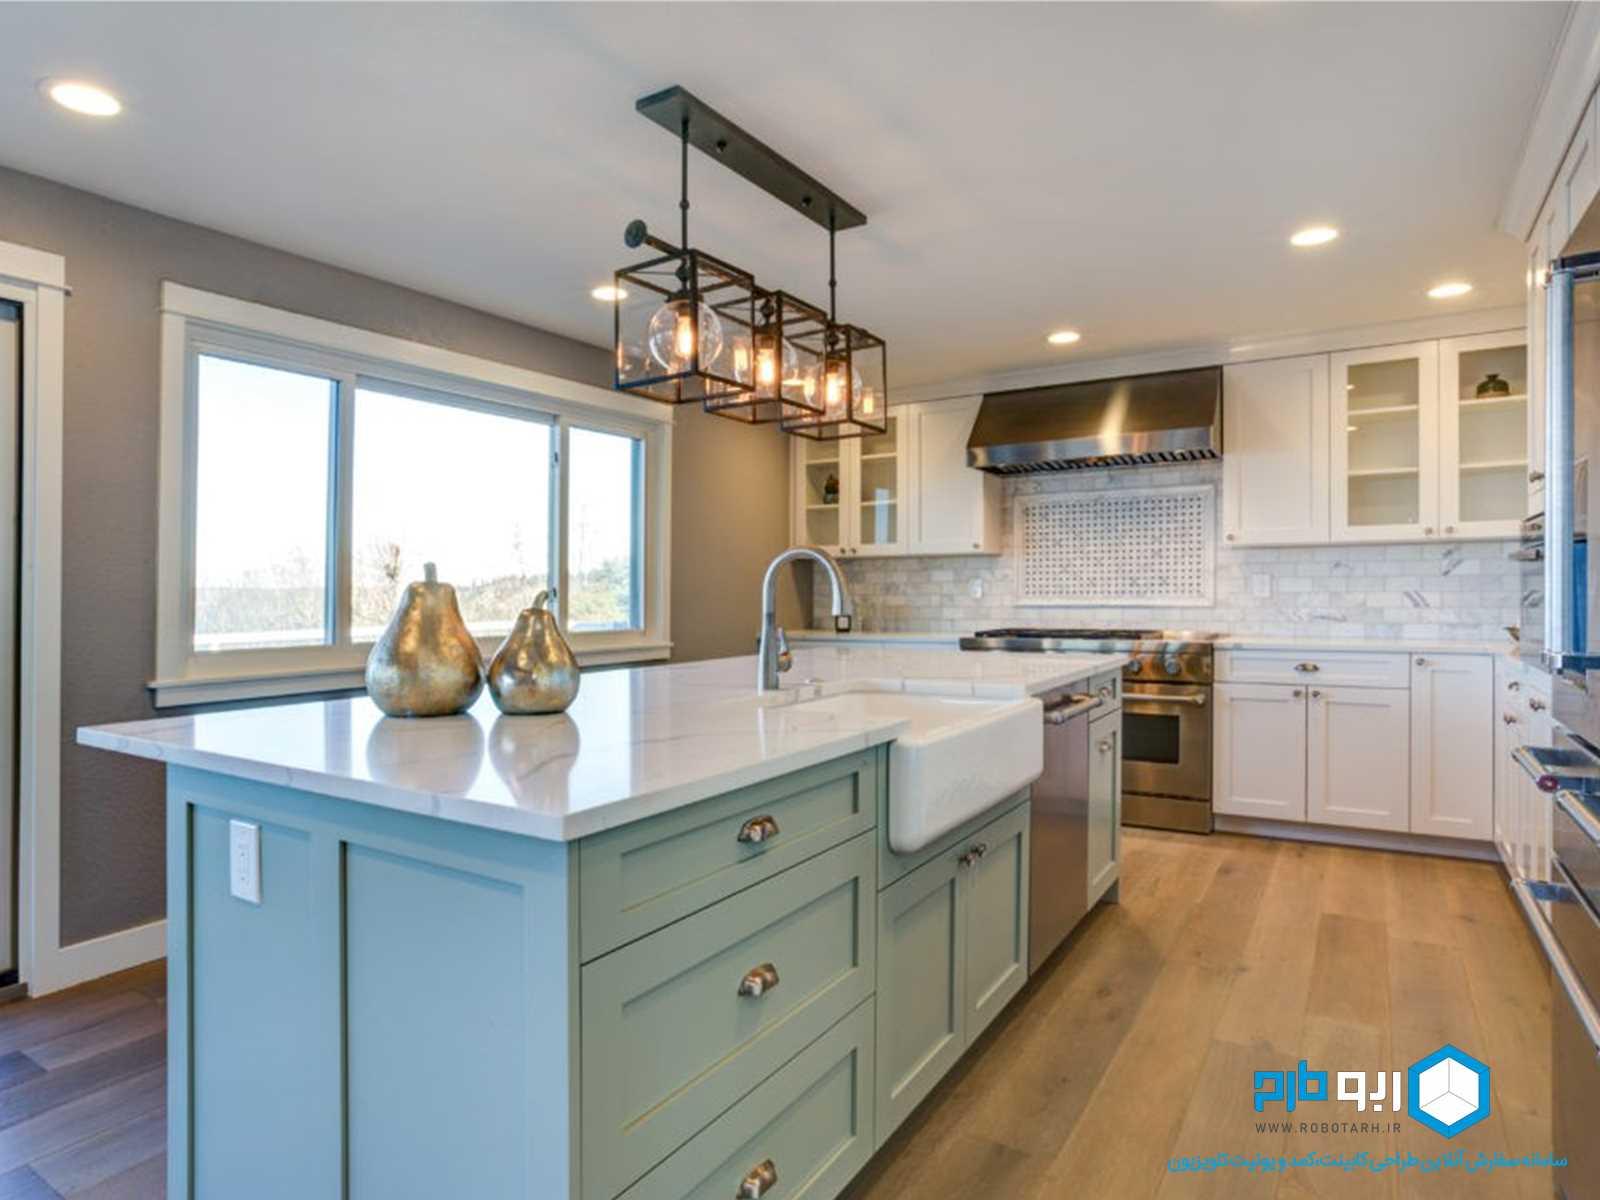 کابینت آشپزخانه 2 رنگ